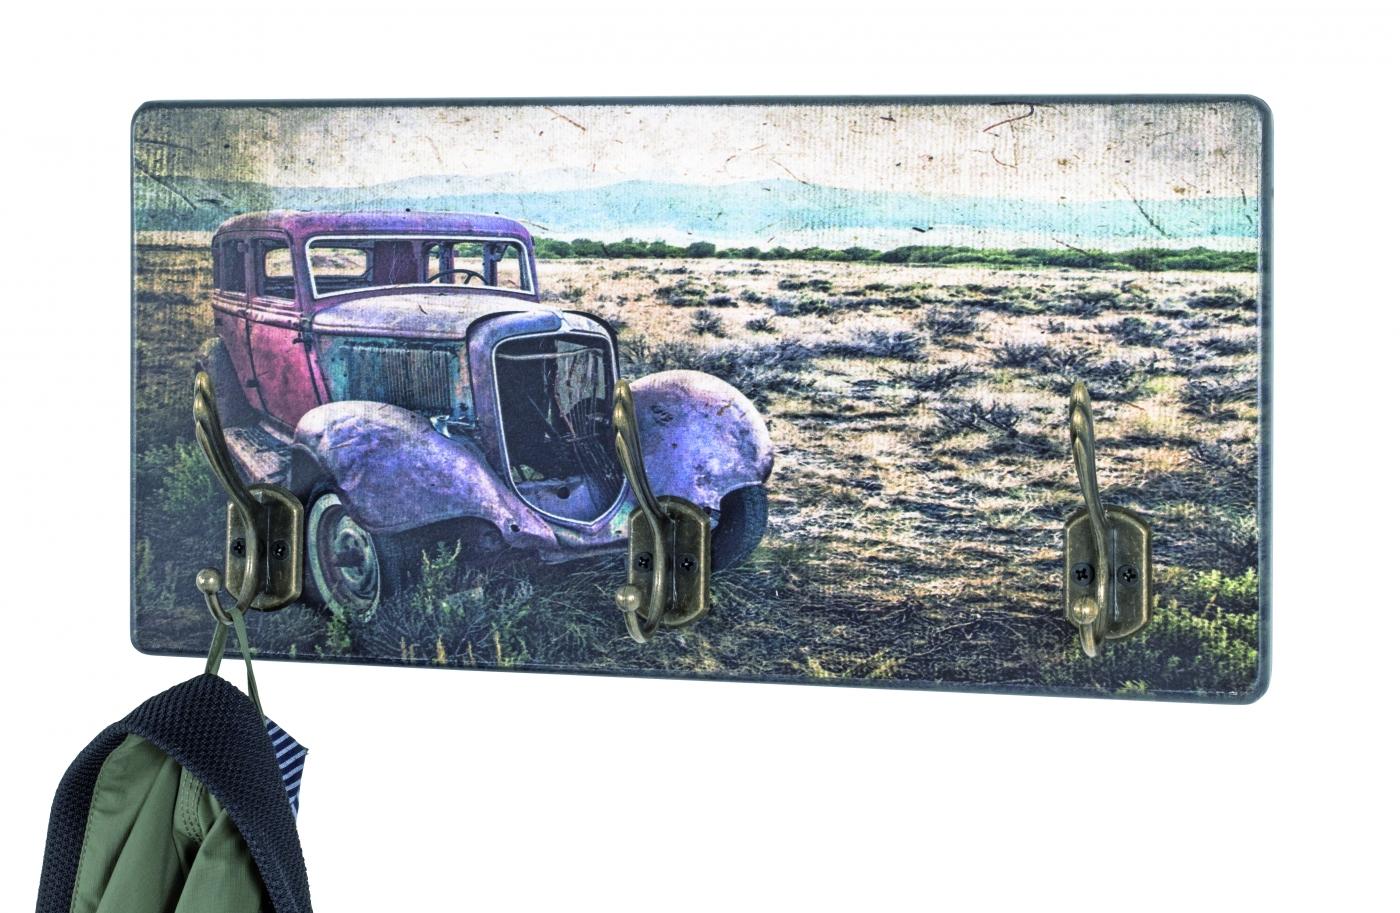 Nástěnný věšák Stager, 20 cm